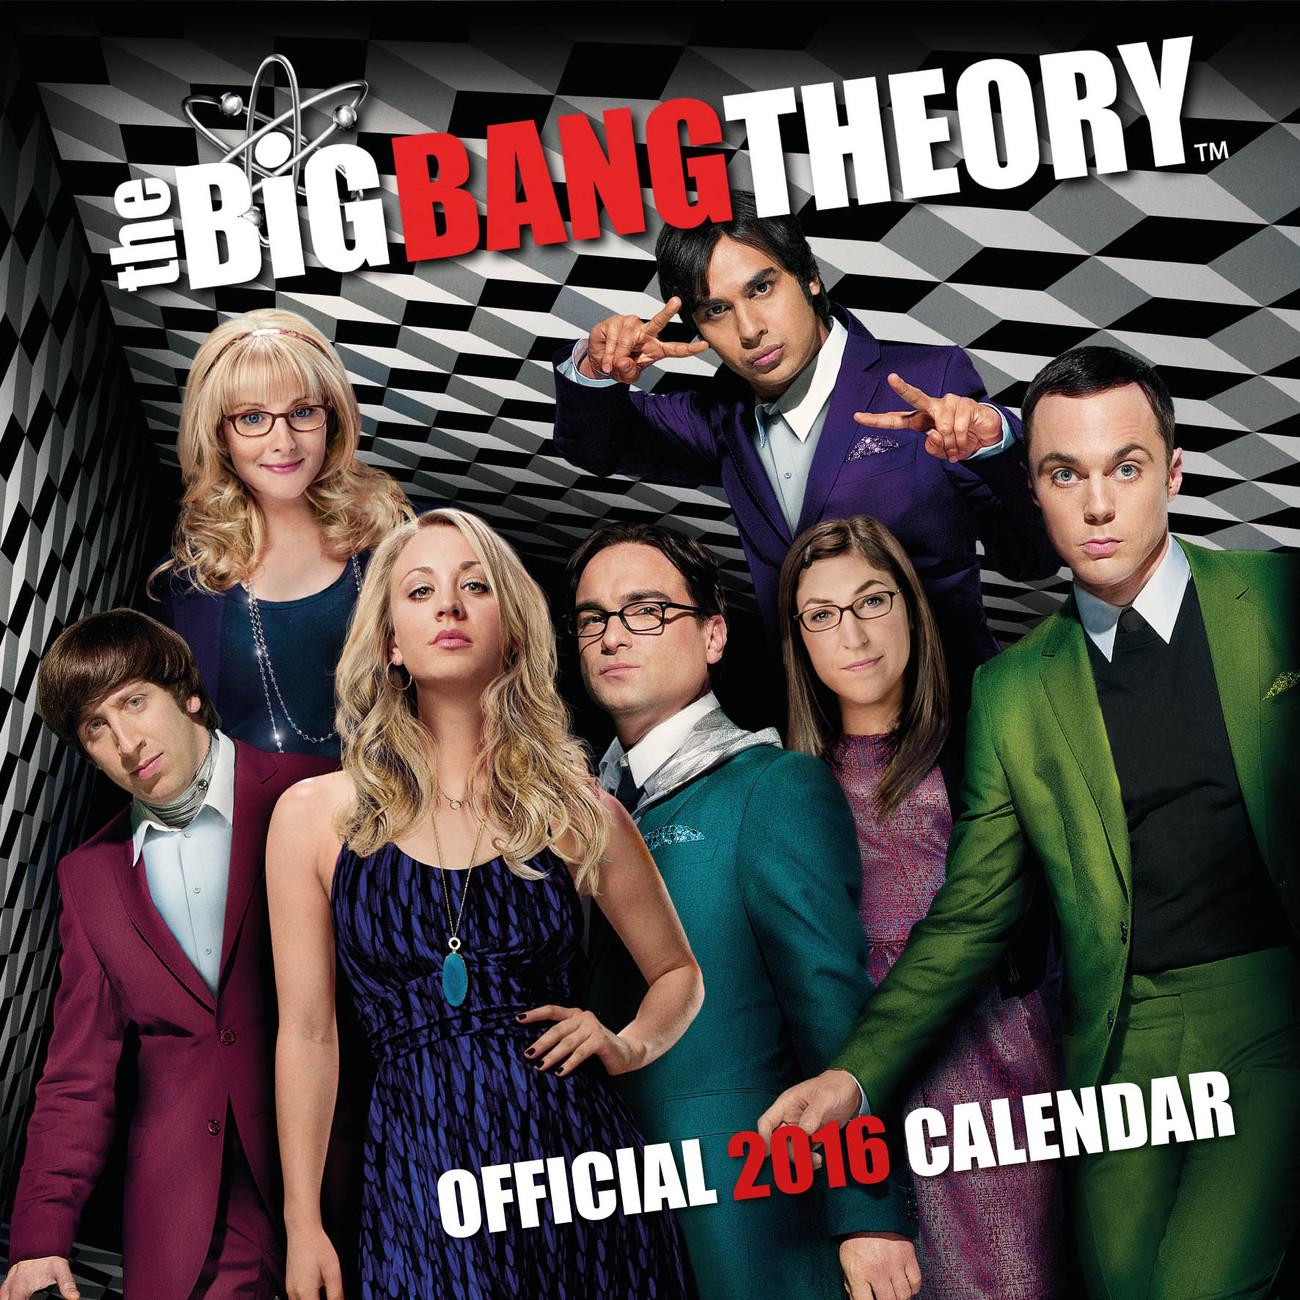 an analysis of the big bang theory The big bang theory the big bang theory – saison 5 88 798 views vues the big bang theory – saison 11 148 455 views vues the big bang theory – saison 10 374 311 views vues the big bang theory – saison 8 445 623.